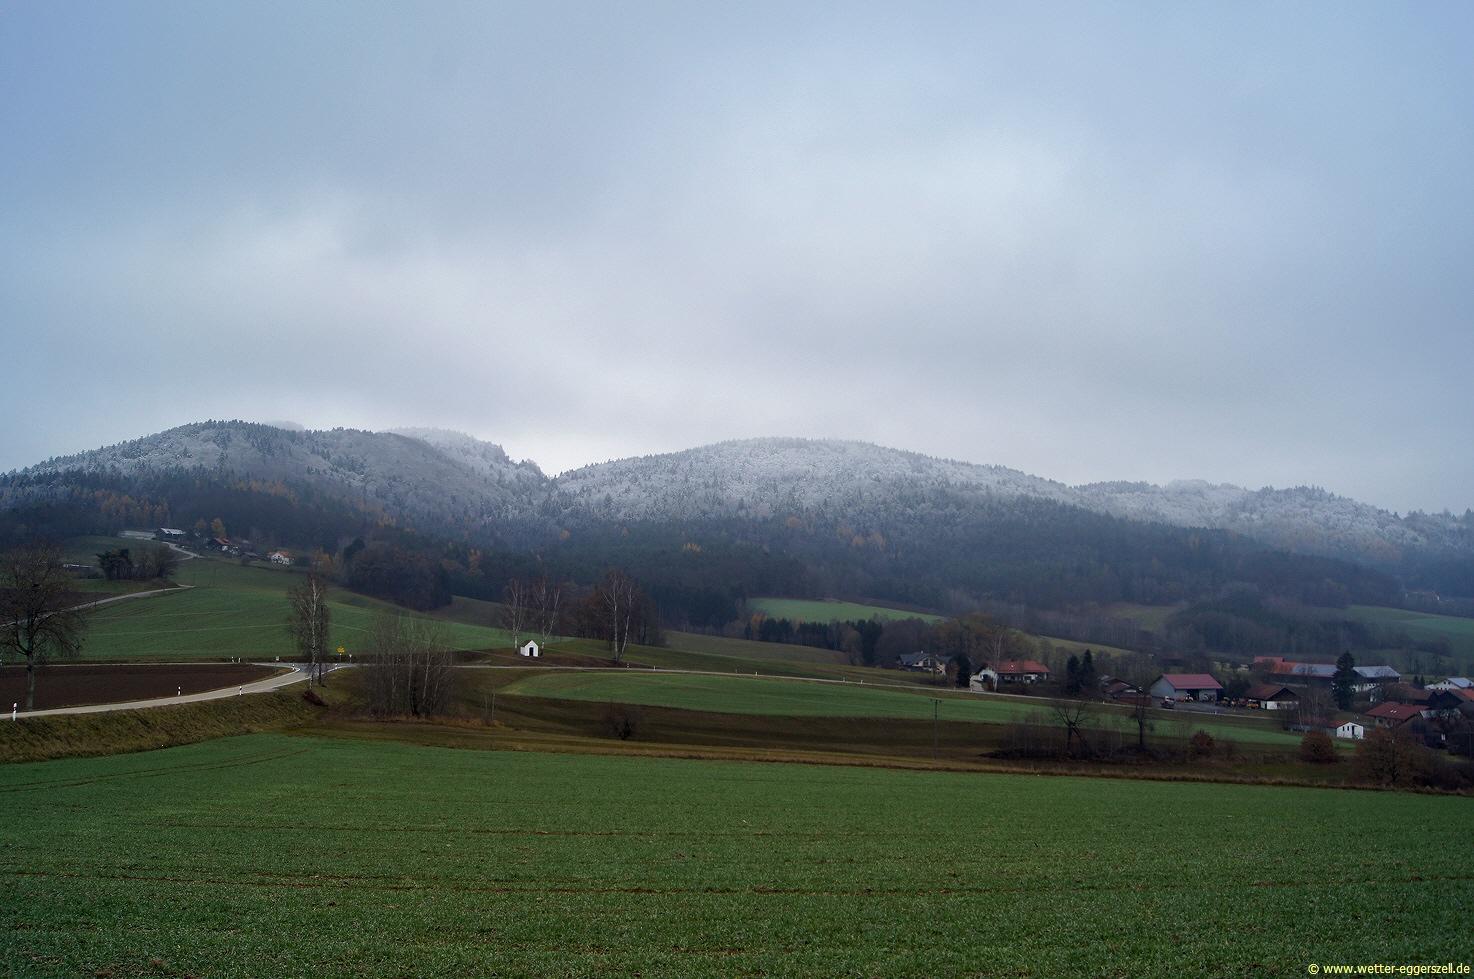 http://wetter-eggerszell.de/images/dsc01134-.jpg